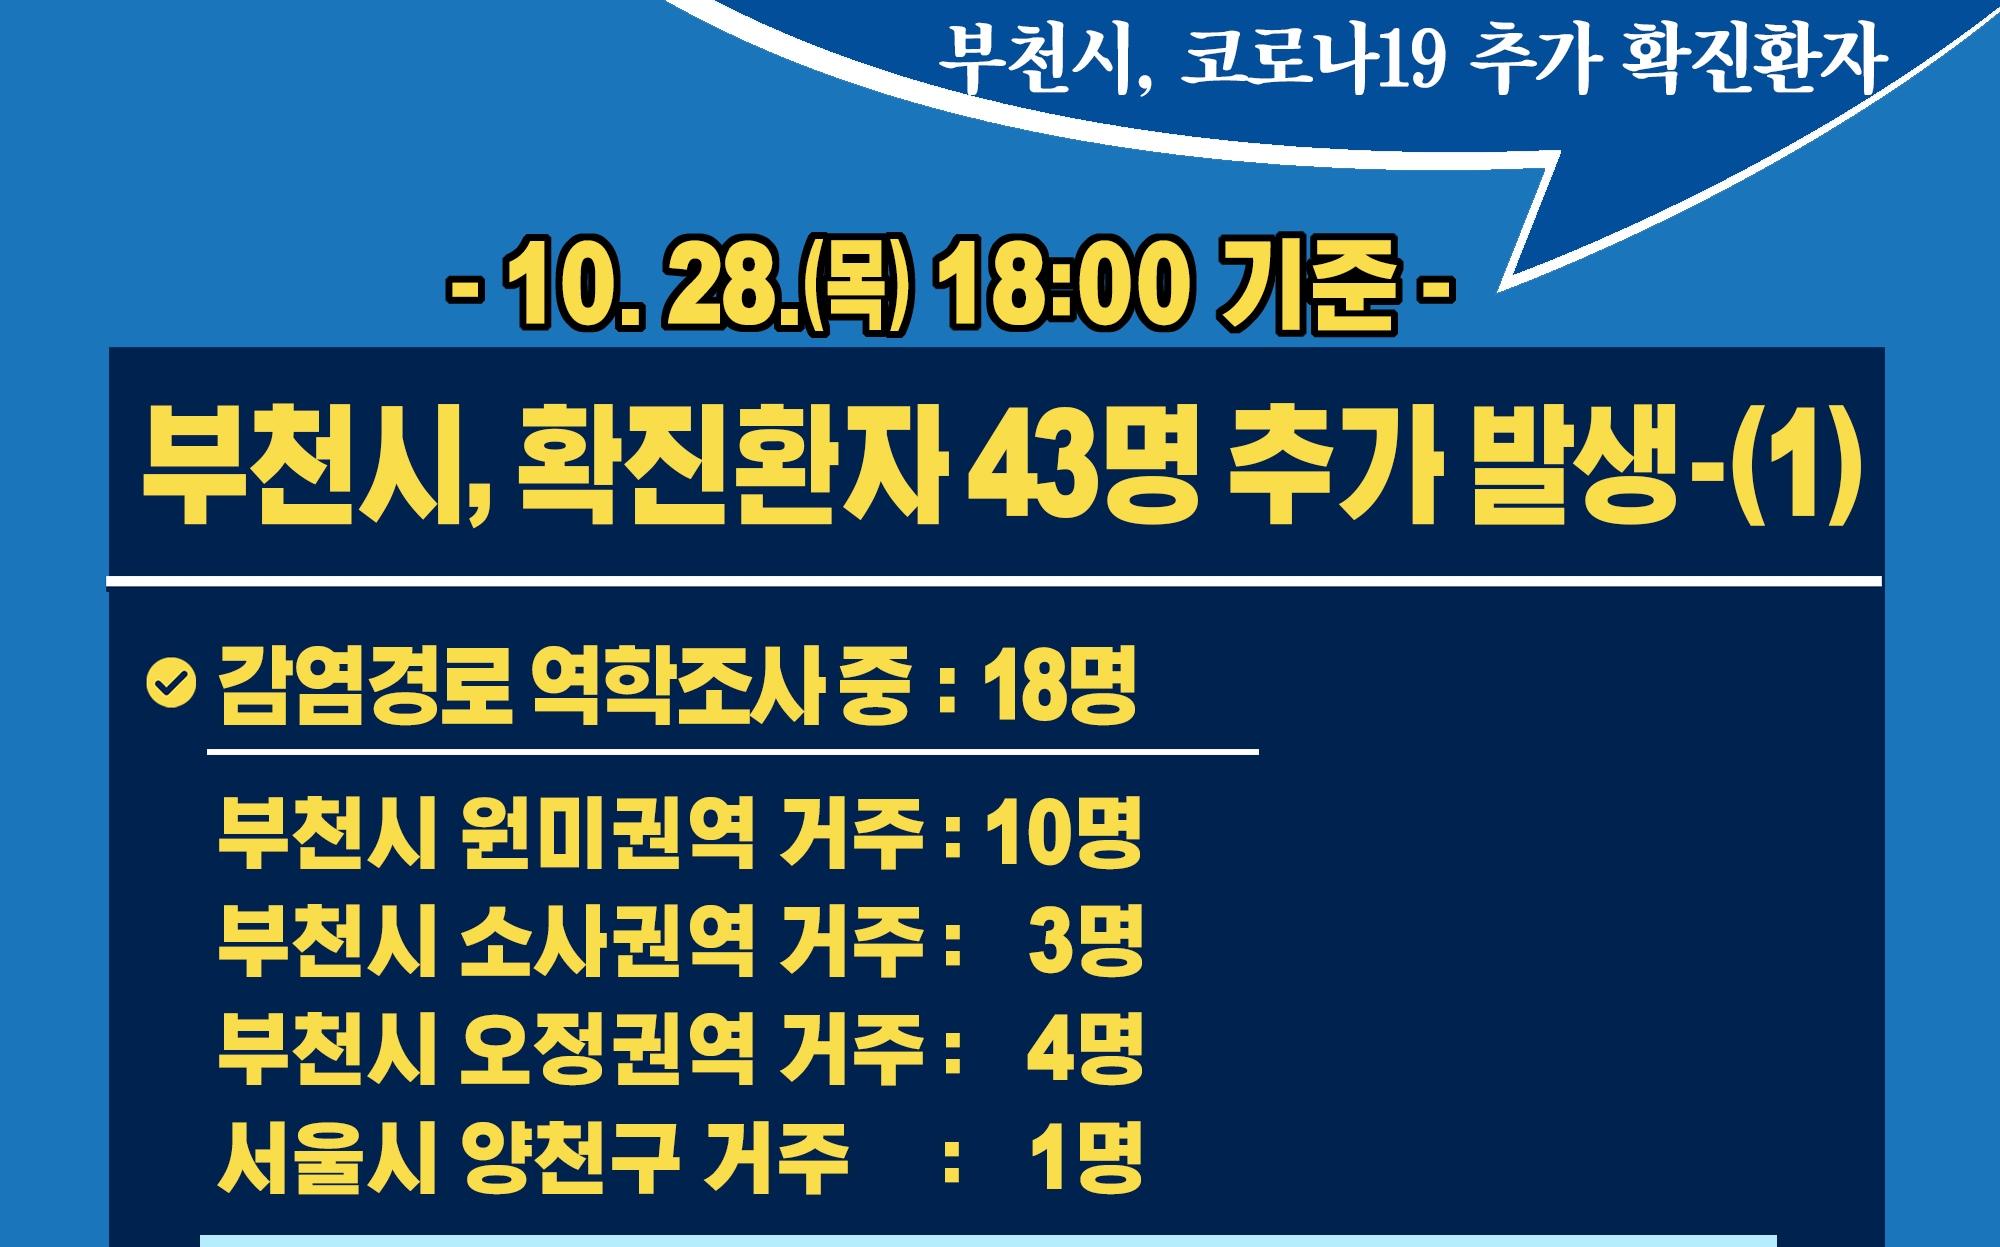 [카드뉴스] 10.28.(목) 18:00 기준 부천시 확진 환자 43명 추가 발생